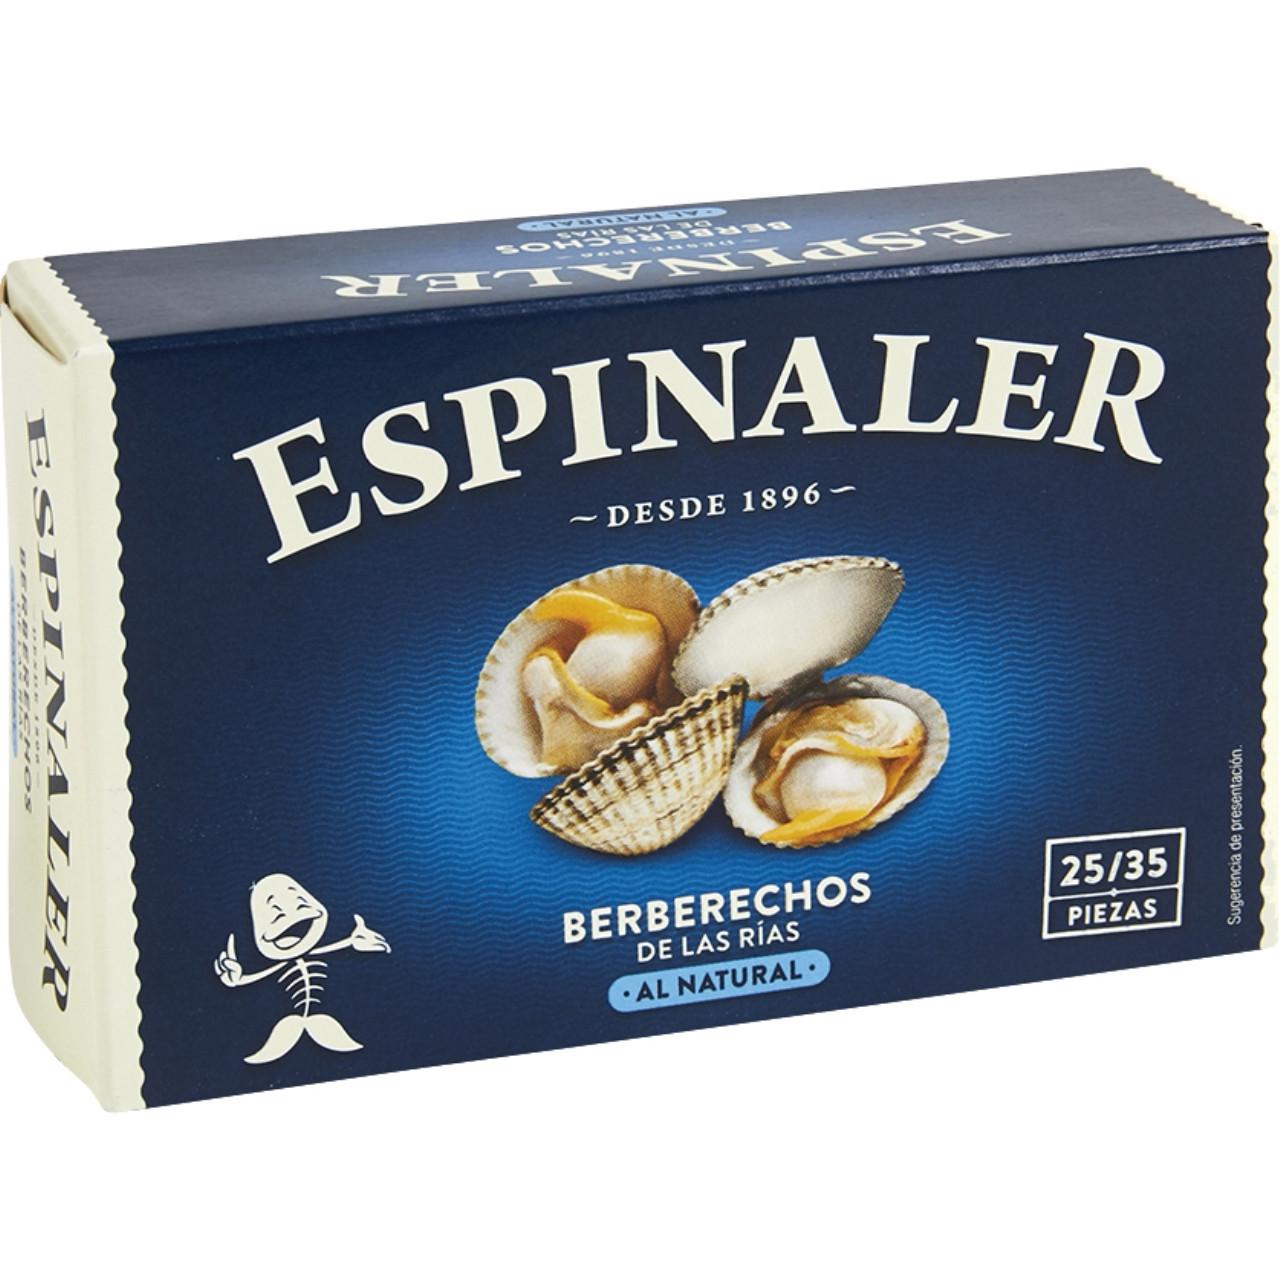 Espinaler-escopinyes ol120 25/35